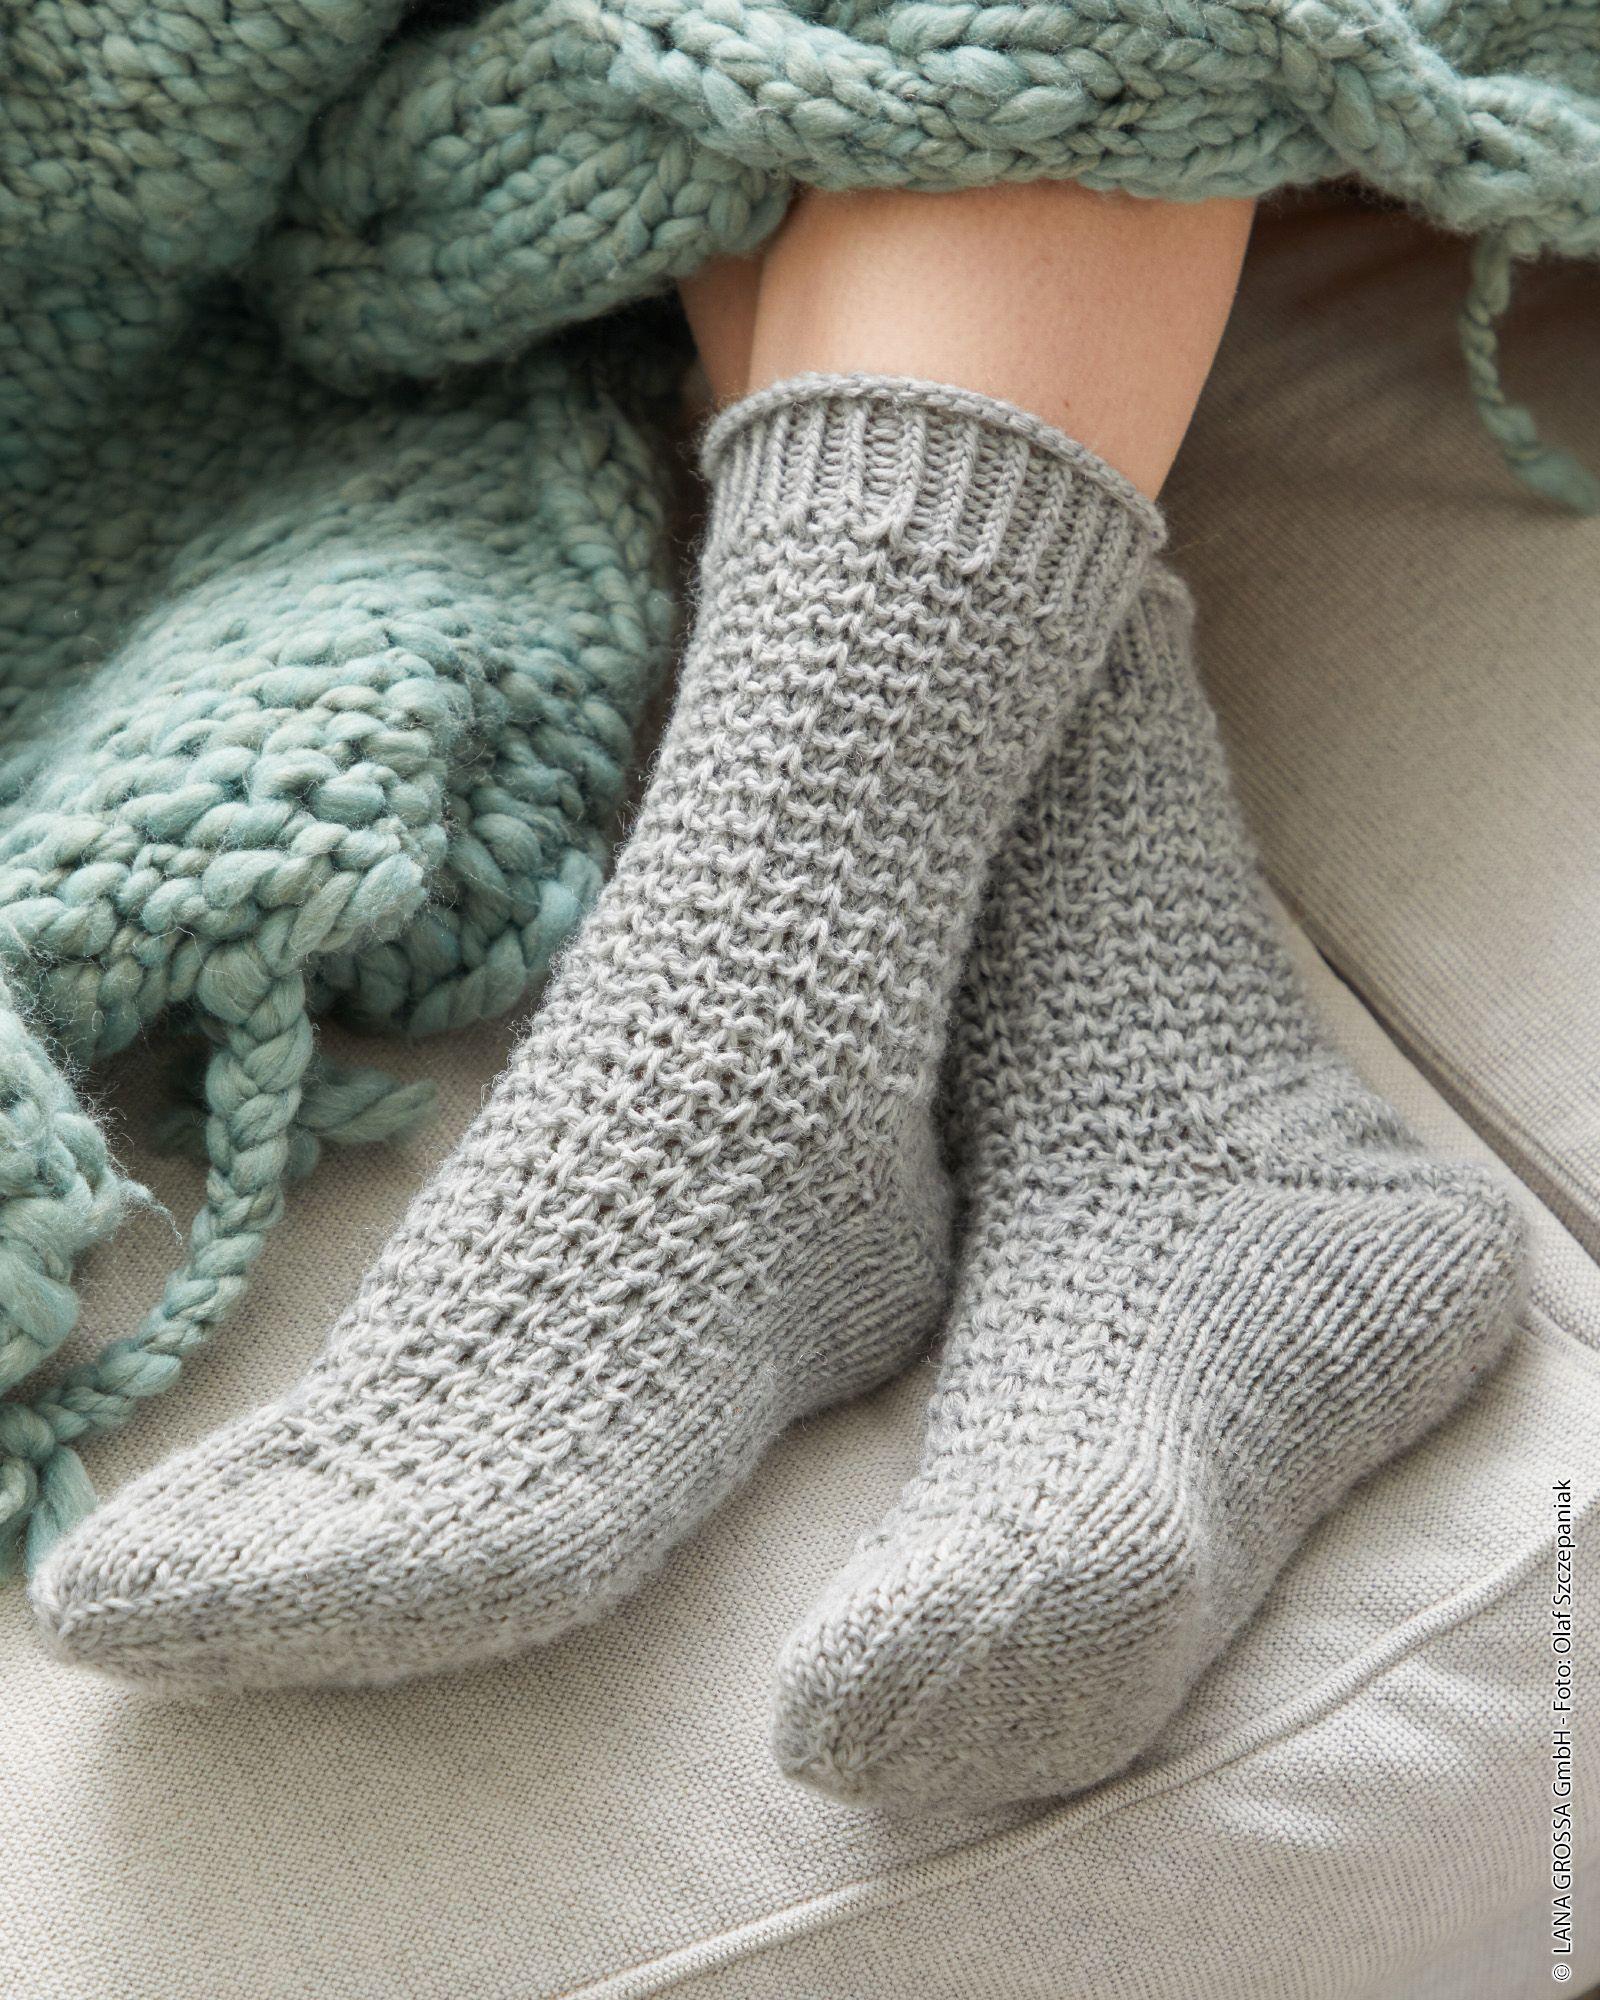 Kostenlose Strickanleitungen Zum Nachmachen Damen Socken Stricken Jetzt Herunte Socken Stricken Anleitung Socken Stricken Muster Socken Stricken